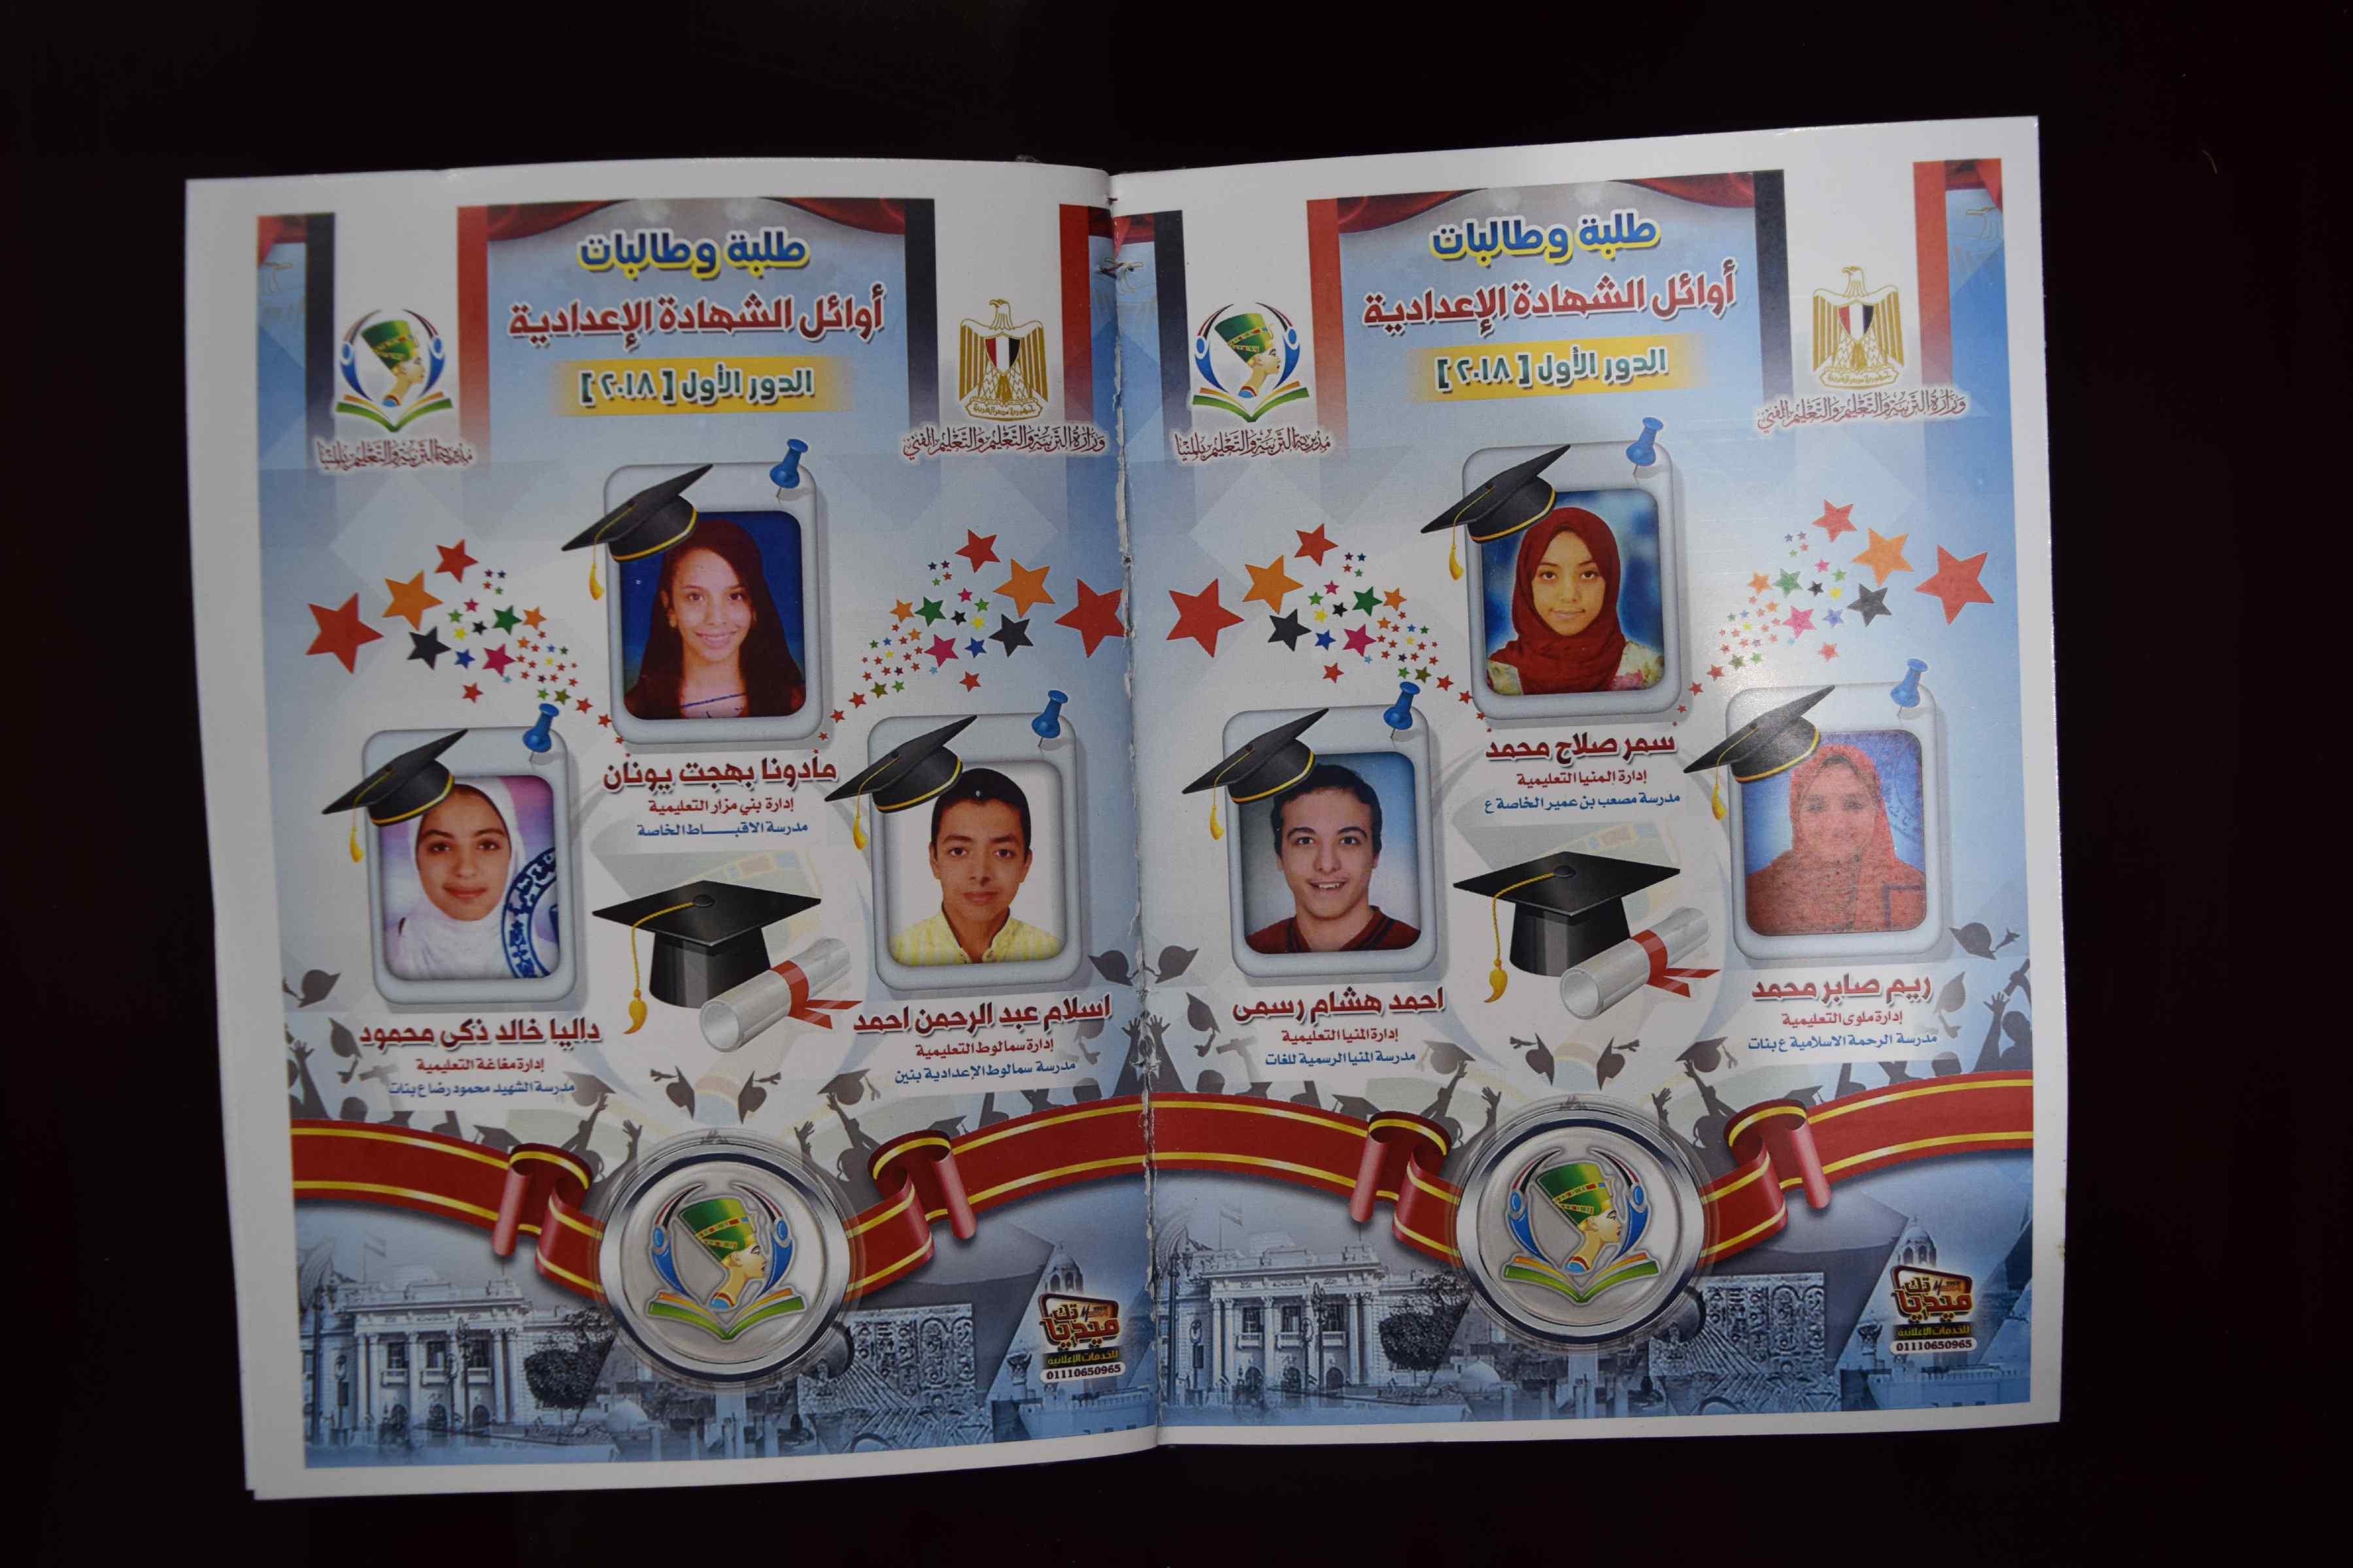 نتيجة الشهادة الابتدائية والإعدادية محافظة المنيا 2019 برقم الجلوس 4